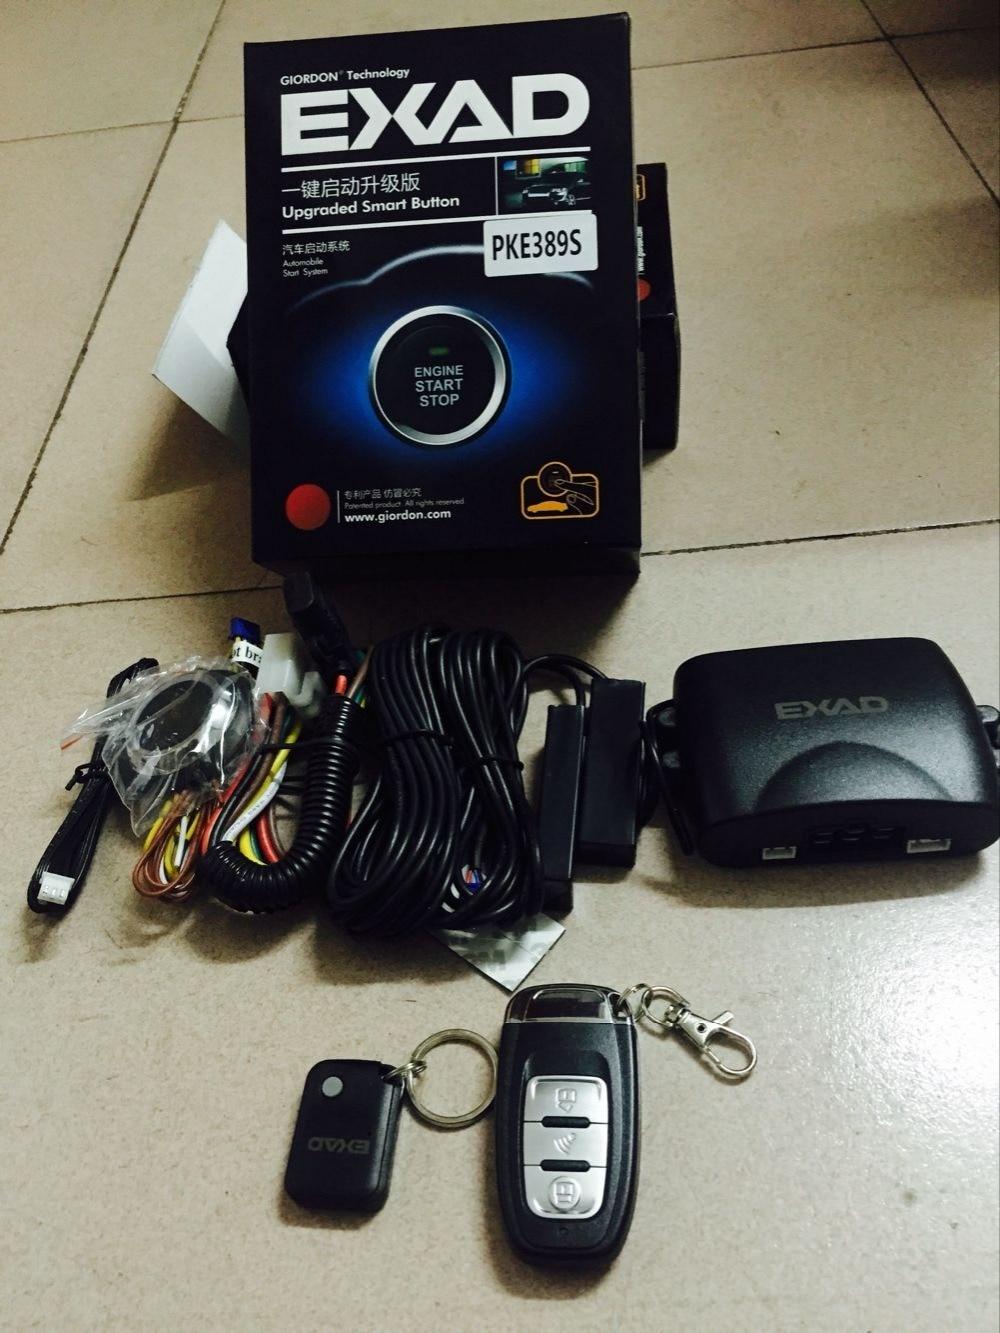 NOVÝ systém automatického alarmu Automatický vstup bez klíče Dálkové spuštění Bezpečnost pro Toyotu BWN Start Funkce Tlačítko motoru s motorem PKE Start Stop